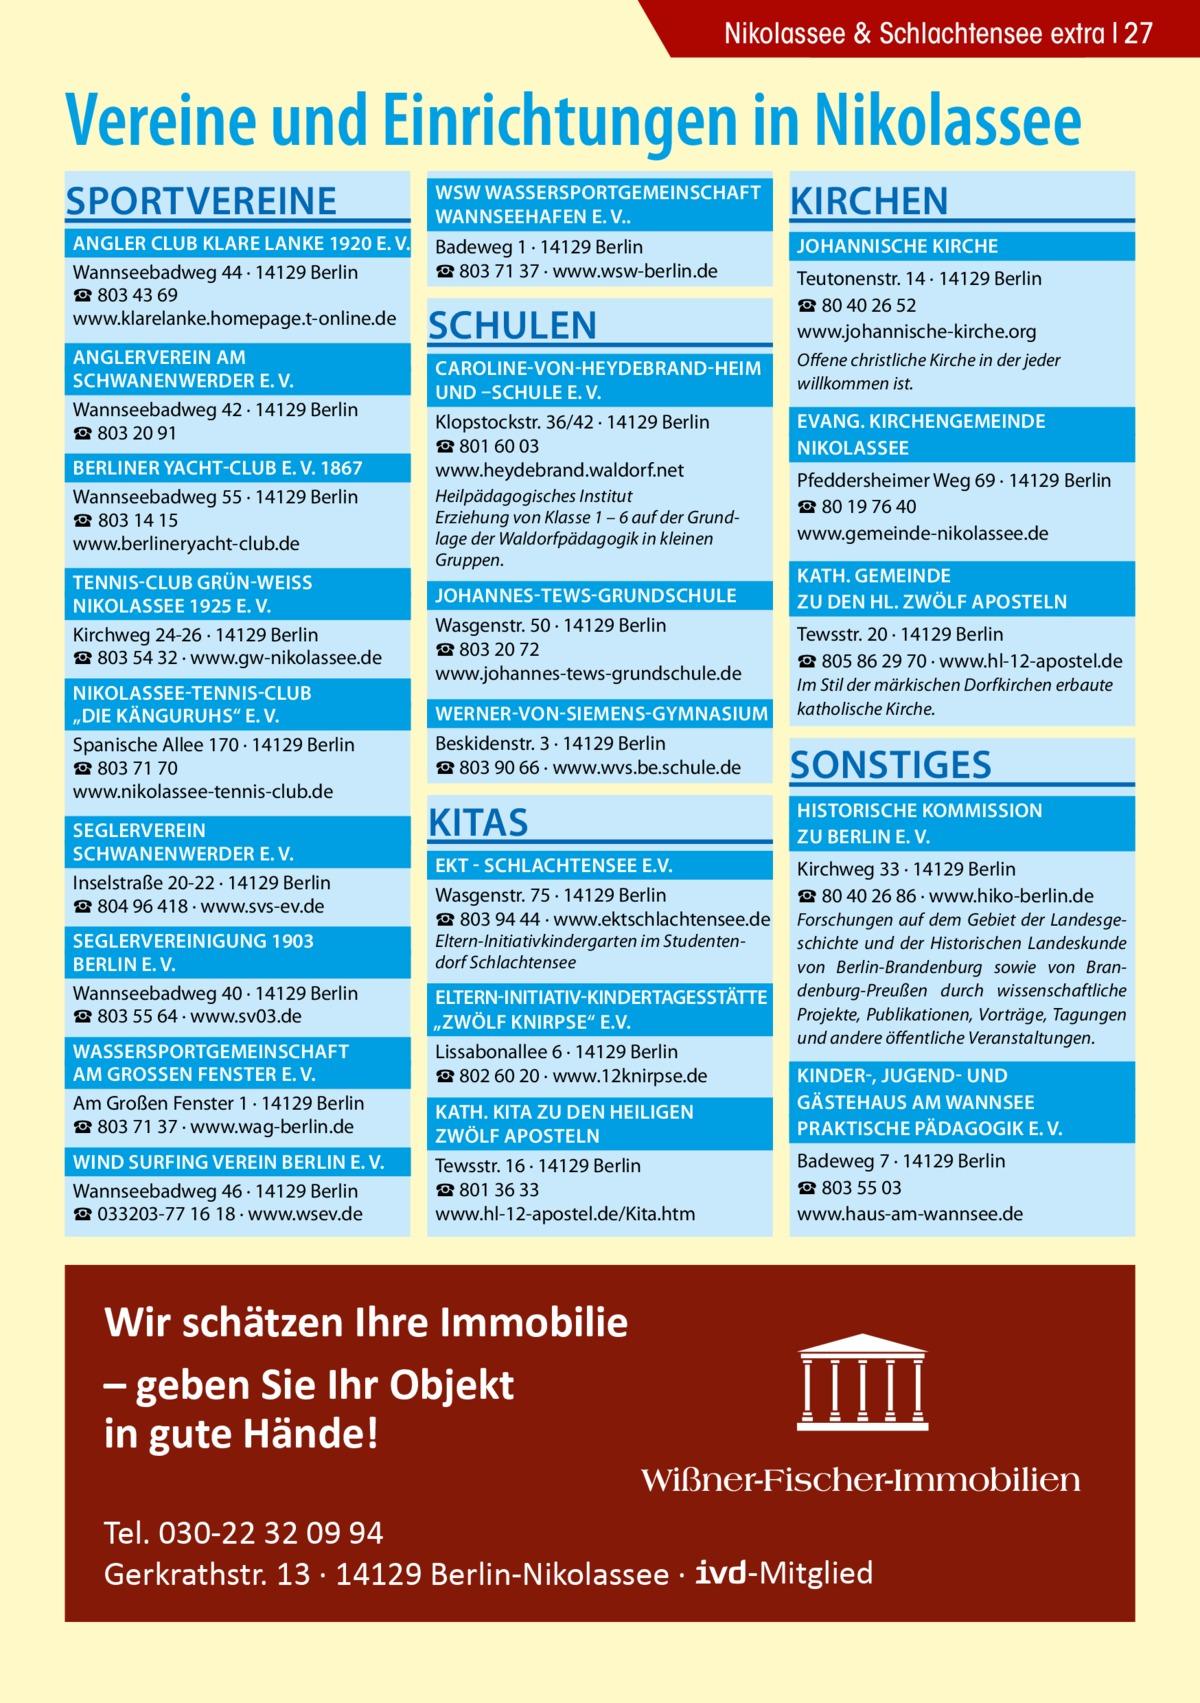 """Nikolassee & Schlachtensee extra 27  Vereine und Einrichtungen in Nikolassee Sportvereine   WSW Wassersportgemeinschaft �  Wannseehafen e. V..�  Angler Club Klare Lanke 1920 e. V.� Badeweg 1 · 14129 Berlin ☎803 71 37 · www.wsw-berlin.de Wannseebadweg 44 · 14129 Berlin ☎ 803 43 69 www.klarelanke.homepage.t-online.de  Anglerverein Am�  Schwanenwerder e. V.� Wannseebadweg 42 · 14129 Berlin ☎ 803 20 91  Berliner Yacht-Club e. V. 1867� Wannseebadweg 55 · 14129 Berlin ☎ 803 14 15 www.berlineryacht-club.de  Tennis-Club Grün-WeiSS �  Nikolassee 1925 e. V.� Kirchweg 24-26 · 14129 Berlin ☎ 803 54 32 · www.gw-nikolassee.de  Nikolassee-Tennis-Club �  """"Die Känguruhs"""" e. V.� Spanische Allee 170 · 14129 Berlin ☎803 71 70 www.nikolassee-tennis-club.de Seglerverein�  Schwanenwerder e. V.� Inselstraße 20-22 · 14129 Berlin ☎804 96 418 · www.svs-ev.de  Seglervereinigung 1903 �  Berlin e. V.� Wannseebadweg 40 · 14129 Berlin ☎803 55 64 · www.sv03.de  Wassersportgemeinschaft � am GroSSen Fenster e. V.� Am Großen Fenster 1 · 14129 Berlin ☎803 71 37 · www.wag-berlin.de  Wind Surfing Verein Berlin e. V.� Wannseebadweg 46 · 14129 Berlin ☎033203-77 16 18 · www.wsev.de  Schulen  Kirchen  Johannische Kirche � Teutonenstr. 14 · 14129 Berlin ☎ 80 40 26 52 www.johannische-kirche.org   Caroline-von-Heydebrand-Heim � Offene christliche Kirche in der jeder willkommen ist.  und –Schule e. V. �  Evang. Kirchengemeinde � Klopstockstr. 36/42 · 14129 Berlin ☎801 60 03 Nikolassee� www.heydebrand.waldorf.net Pfeddersheimer Weg 69 · 14129 Berlin Heilpädagogisches Institut ☎80 19 76 40 Erziehung von Klasse 1 – 6 auf der Grundwww.gemeinde-nikolassee.de lage der Waldorfpädagogik in kleinen Gruppen.   Kath. gemeinde � zu den Hl. Zwölf Aposteln �   Johannes-Tews-Grundschule � Wasgenstr. 50 · 14129 Berlin ☎803 20 72 www.johannes-tews-grundschule.de  Tewsstr. 20 · 14129 Berlin ☎805 86 29 70 · www.hl-12-apostel.de Im Stil der märkischen Dorfkirchen erbaute katholische Kirche.   Werner-von-Siemens-Gymnasium � Beskiden"""